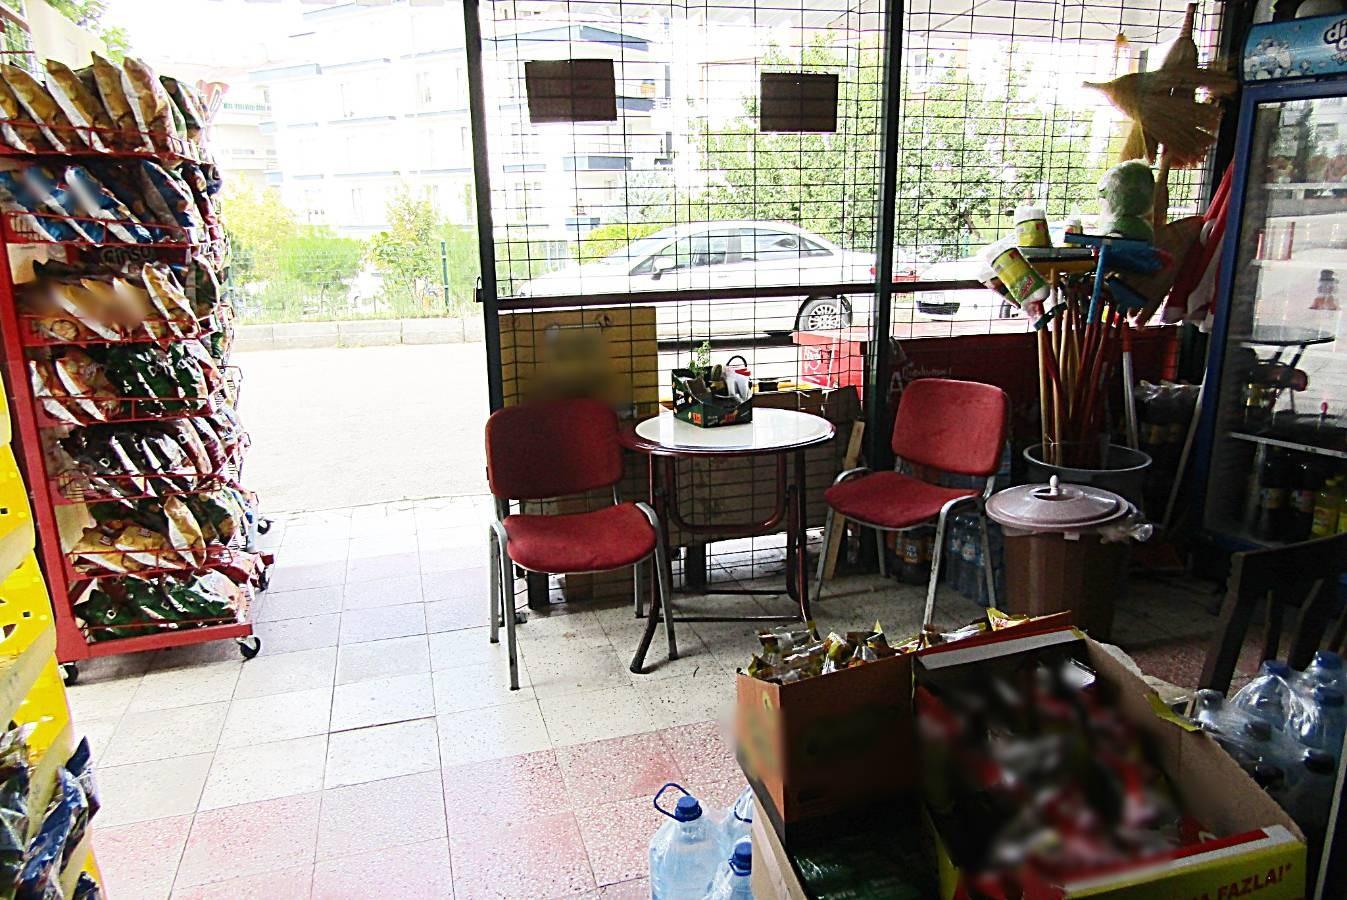 SR EMLAK'TAN SÜVARİ MAHALLESİ'NDE 87m² KÖŞE BAŞI DEPOLU SATILIK DÜKKAN